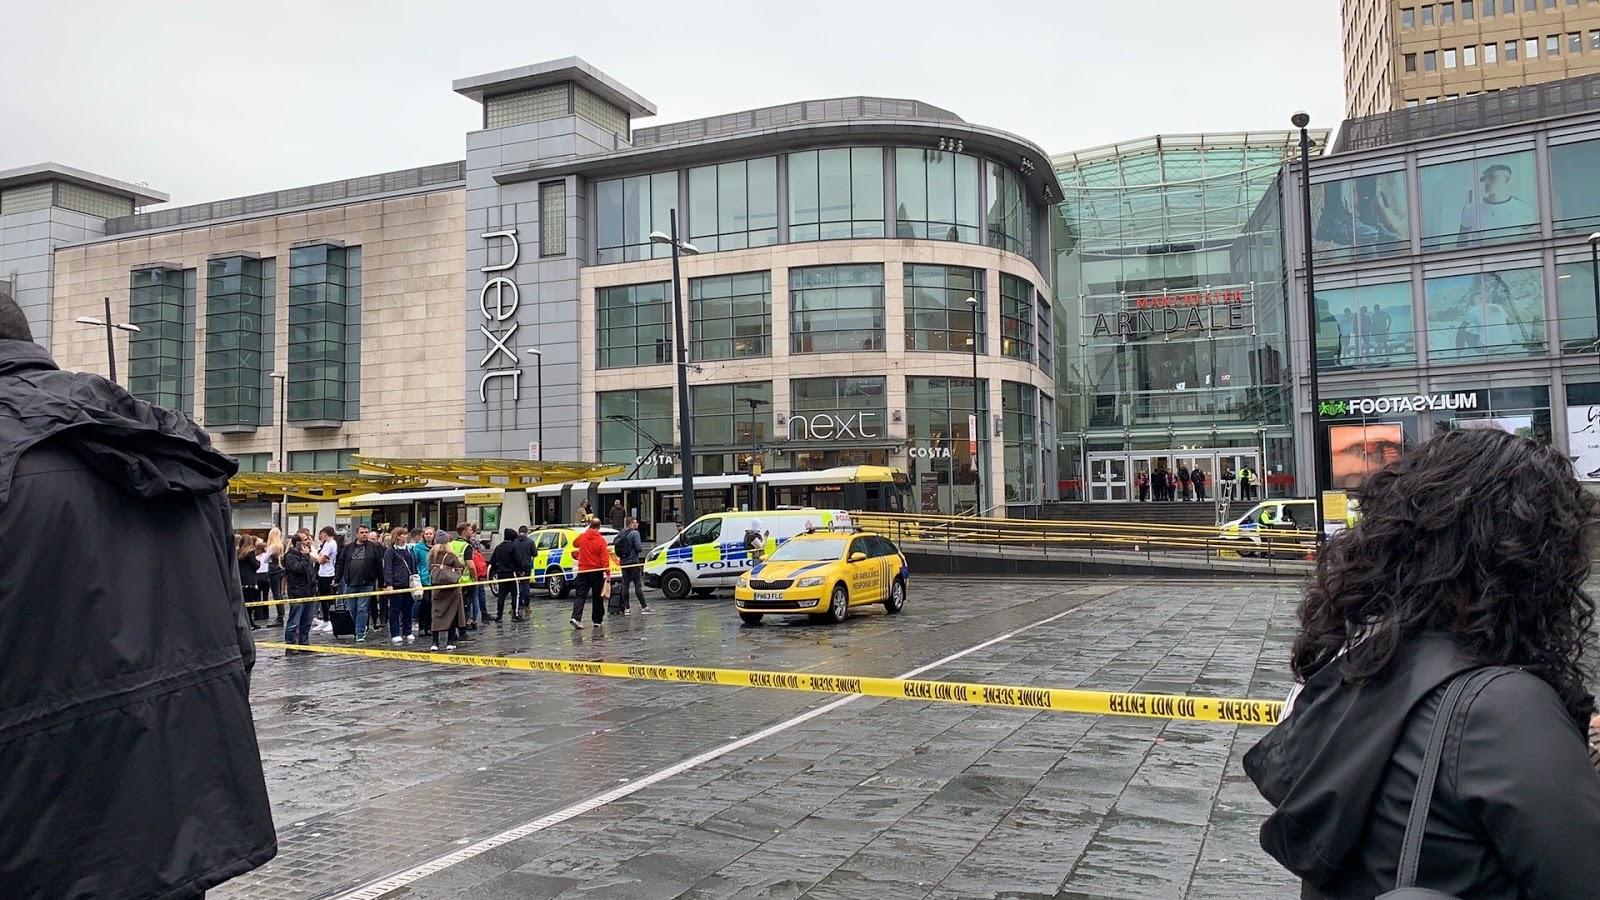 Evakuēts tirdzniecības centrs pēc vairāku cilvēku saduršanas